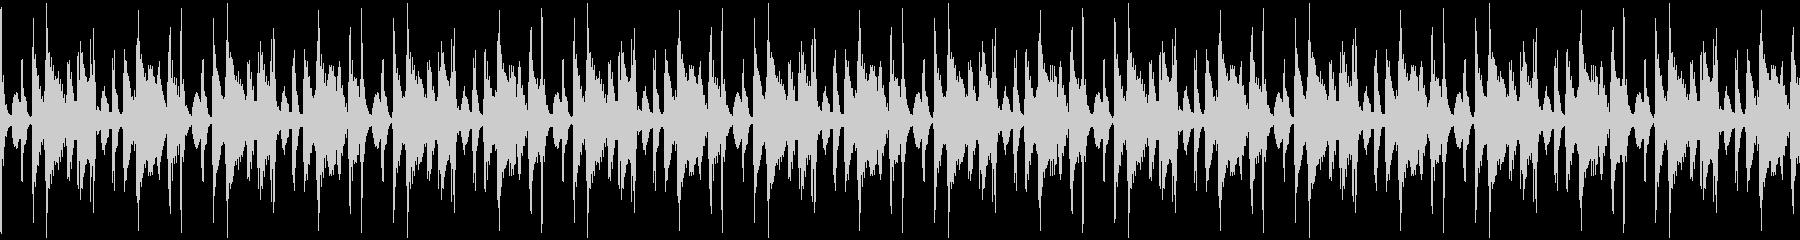 サンバ・パーカッションのループ音素材の未再生の波形